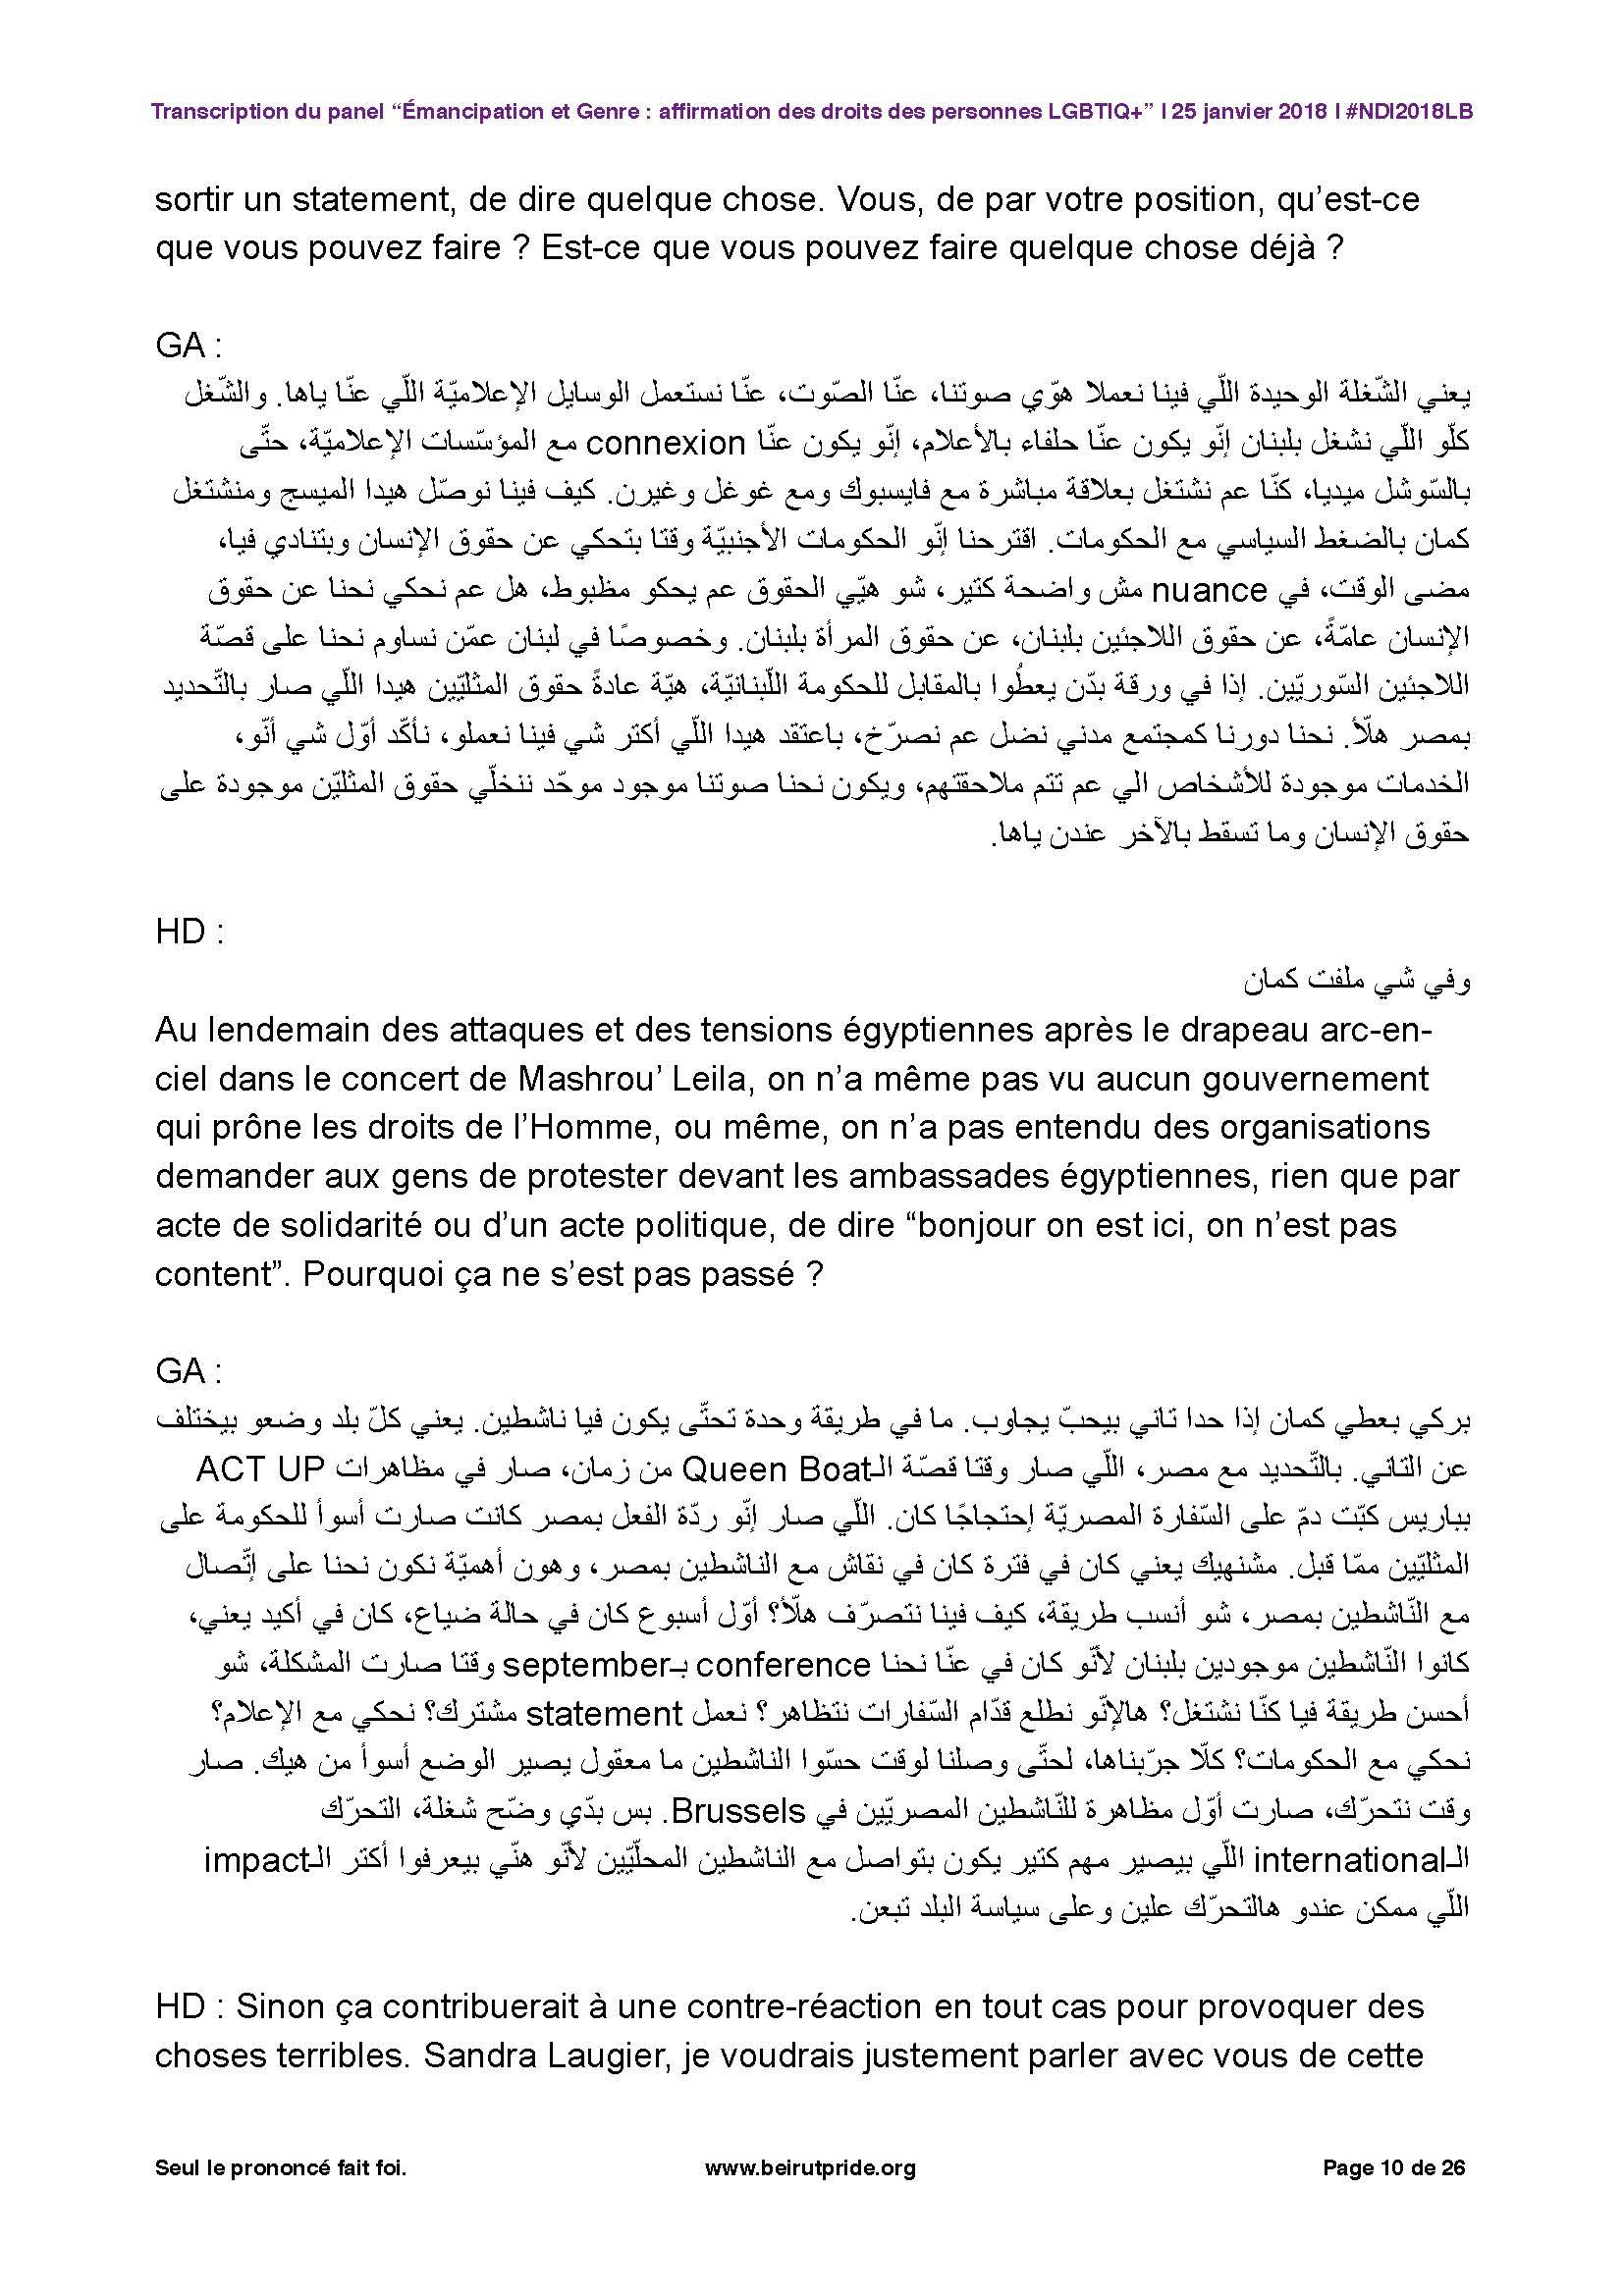 Transcription Nuit des idées 2018_Page_10.jpg